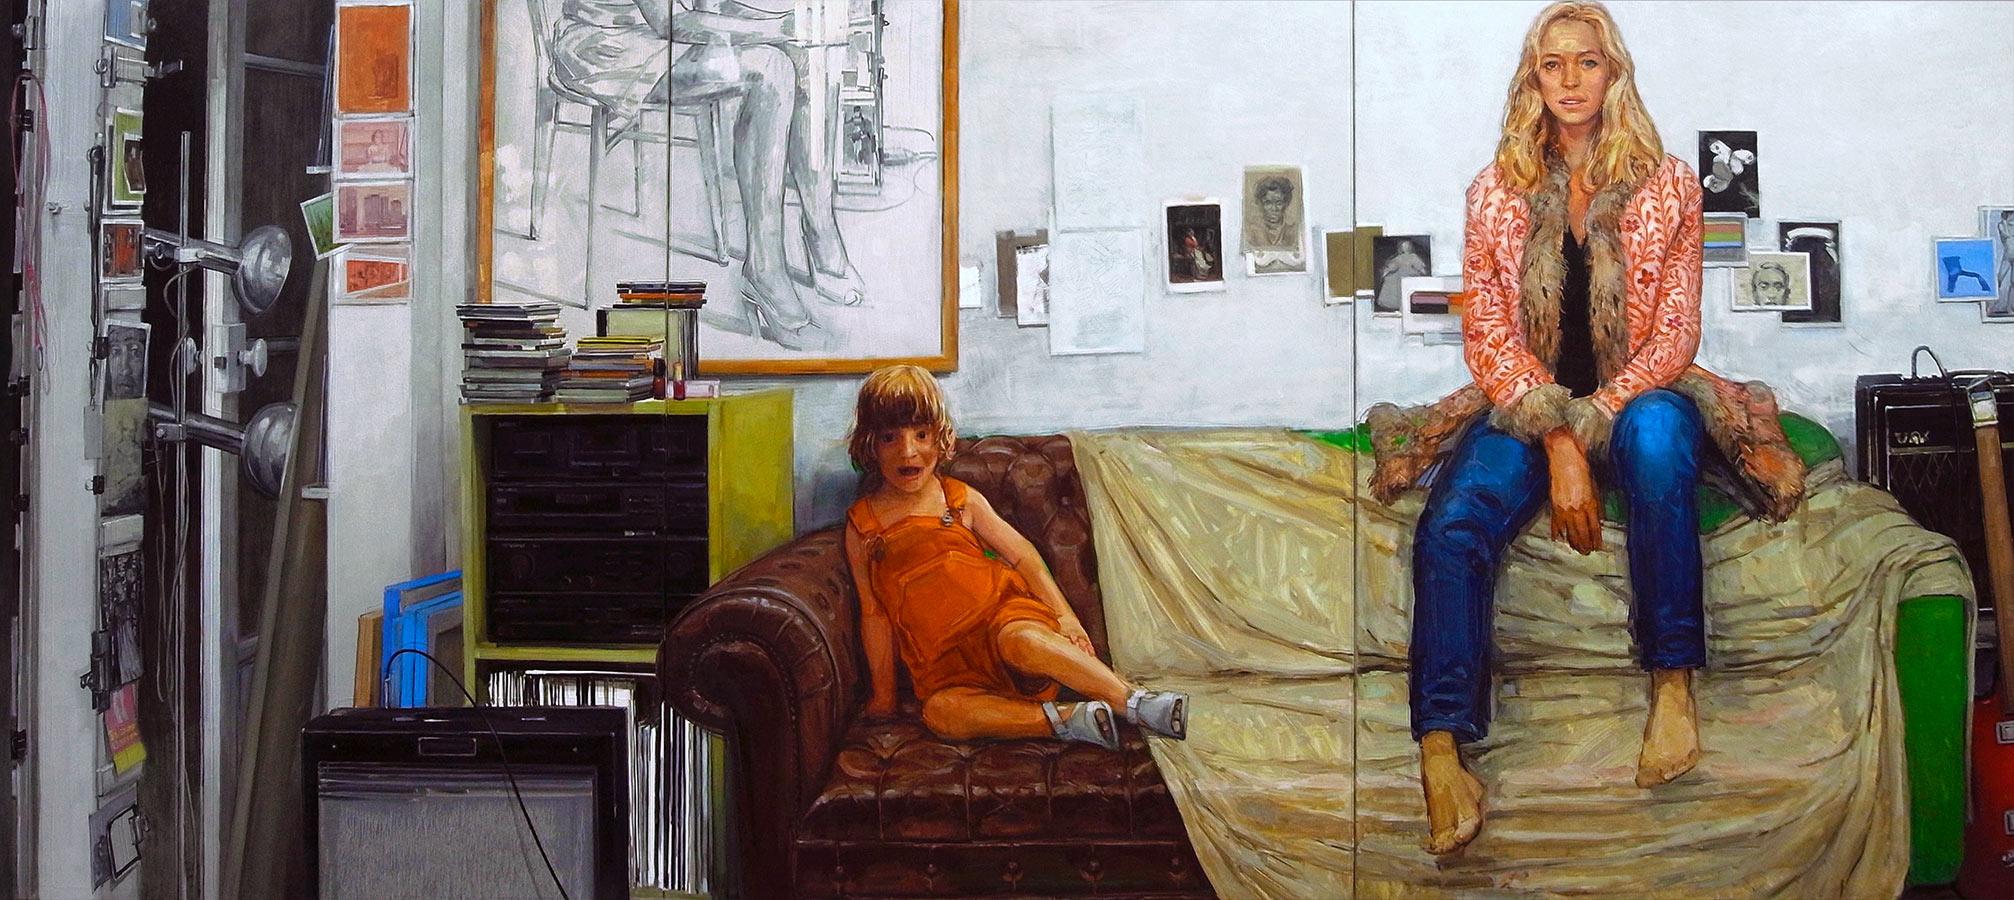 Les désordres 1. Triptyques, huile sur toile, 130 x 97 cm